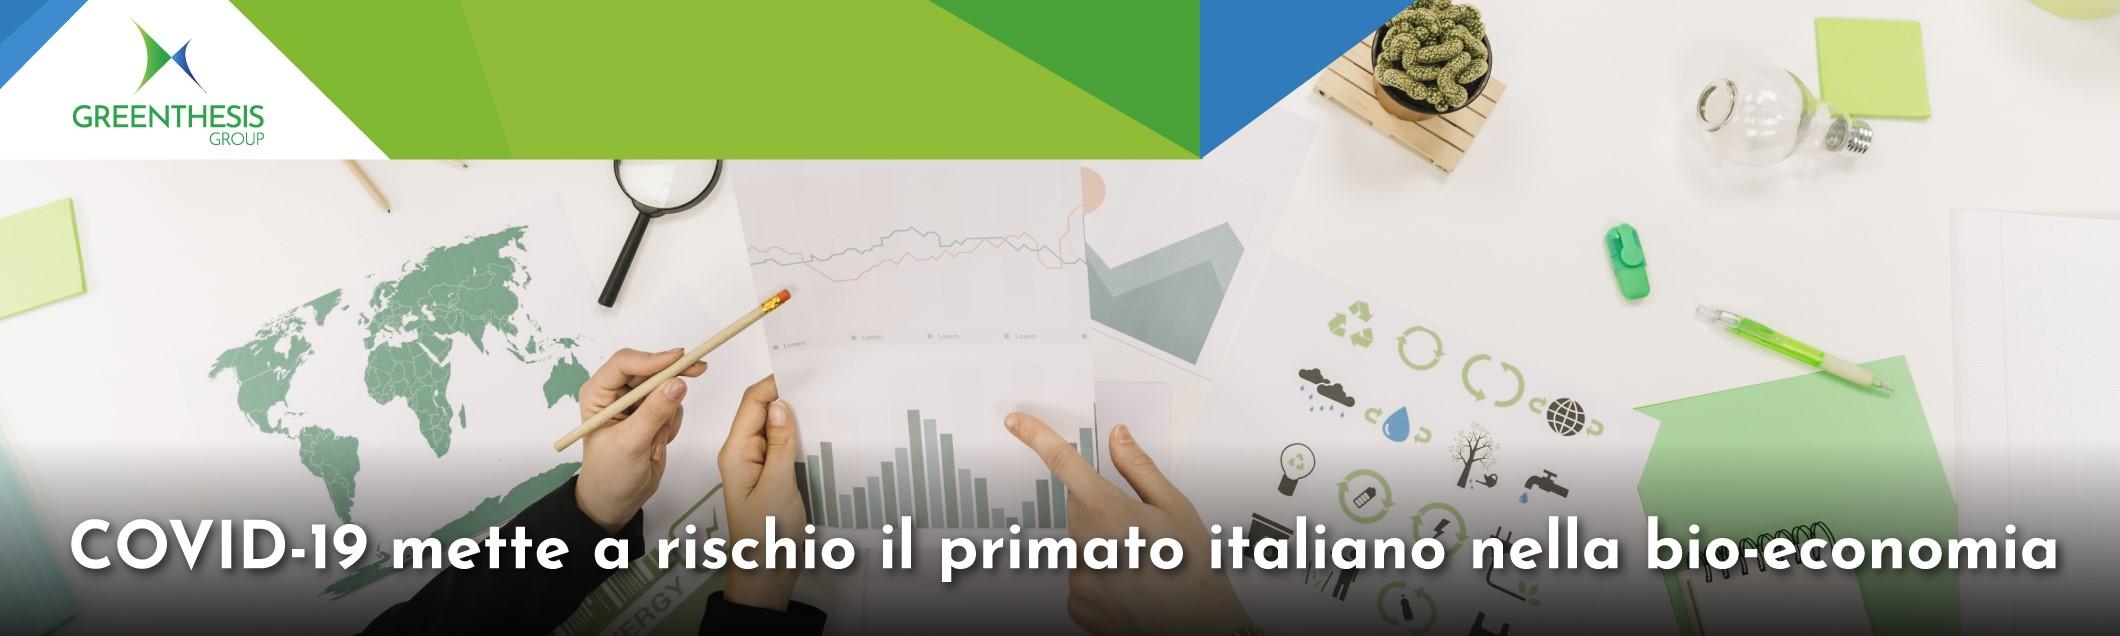 Economia circolare: COVID-19 mette a rischio il primato italiano nella bio-economia